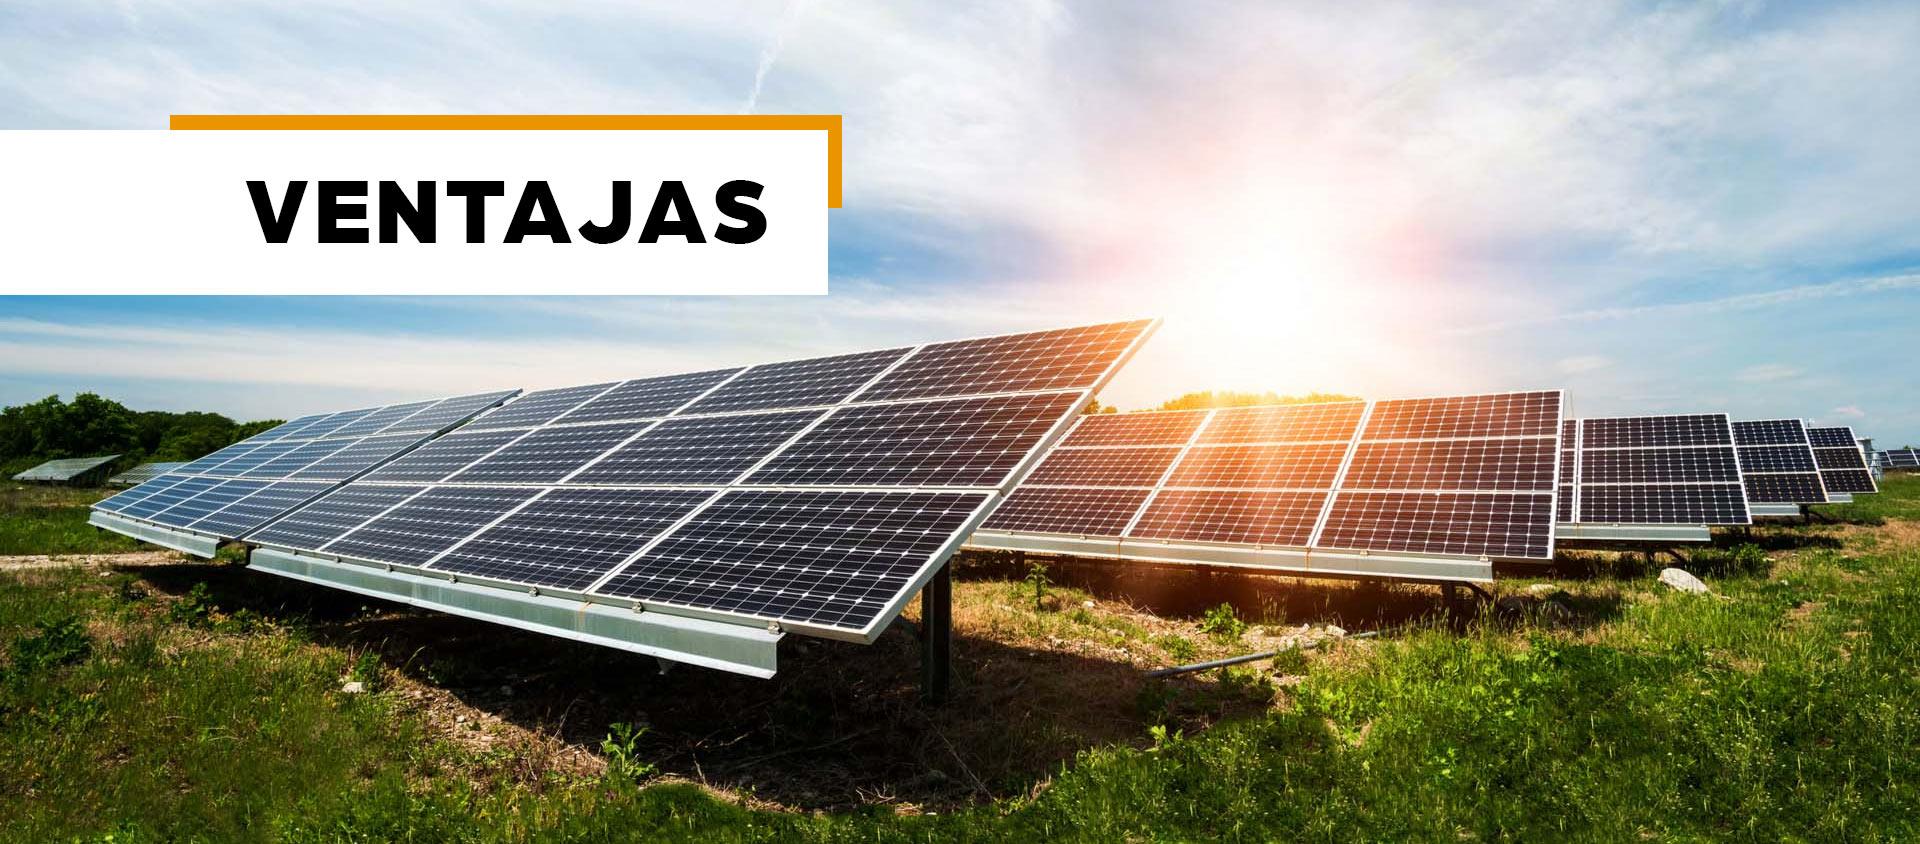 energia solar ventajas